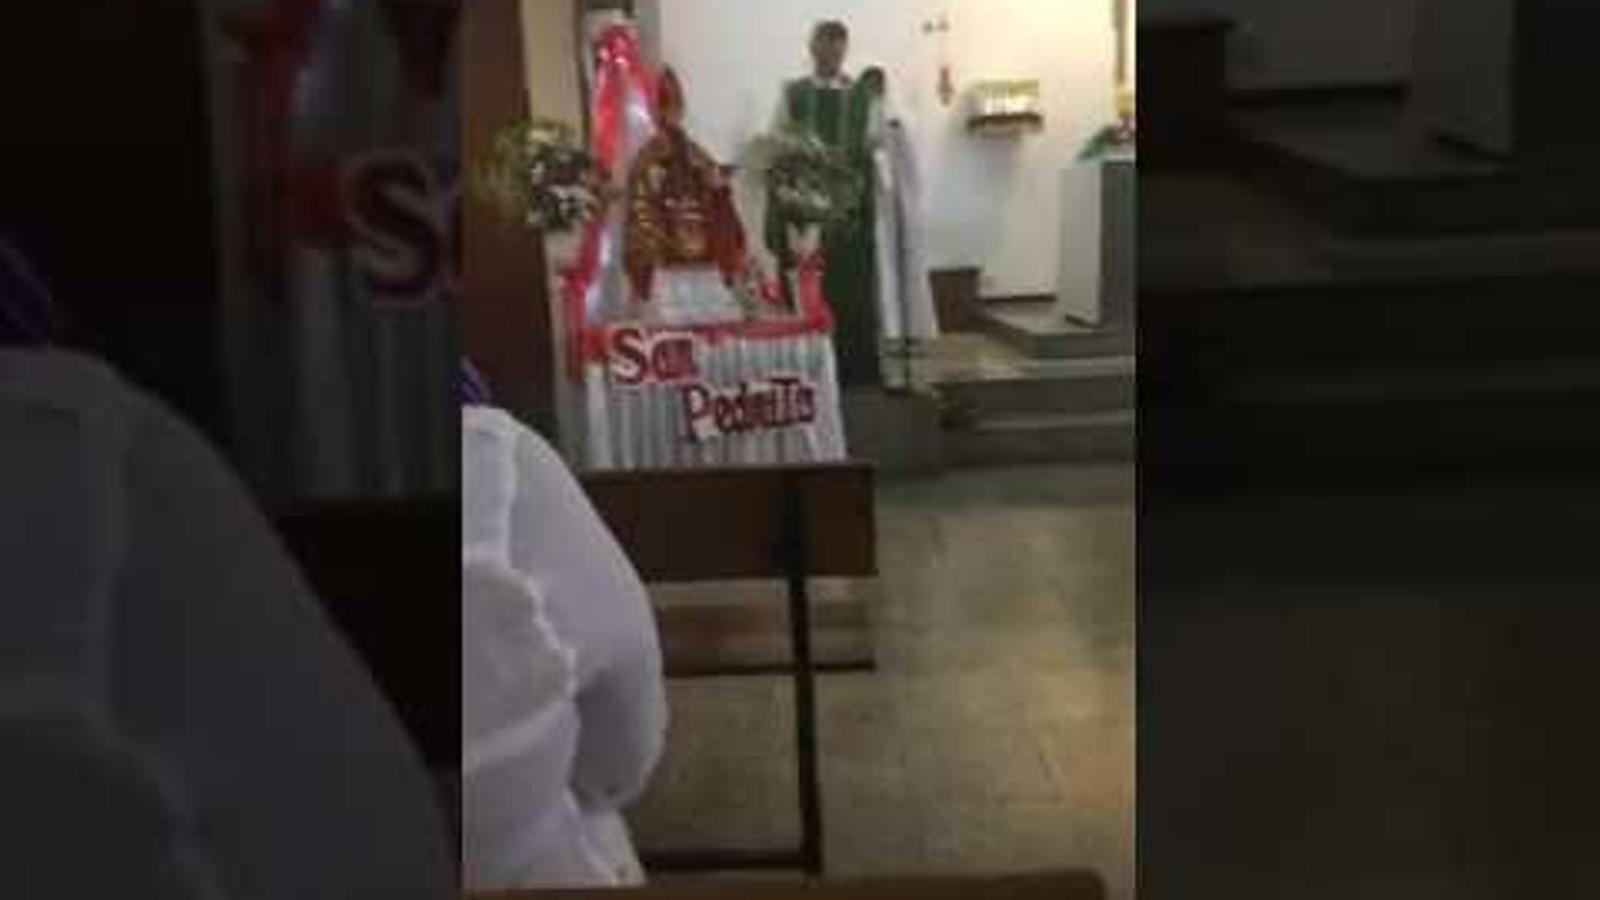 Discurs del capellà Custodio Ballester a la parròquia Inmaculada Concepción de L'Hospitalet, enregistrat per un dels assistents